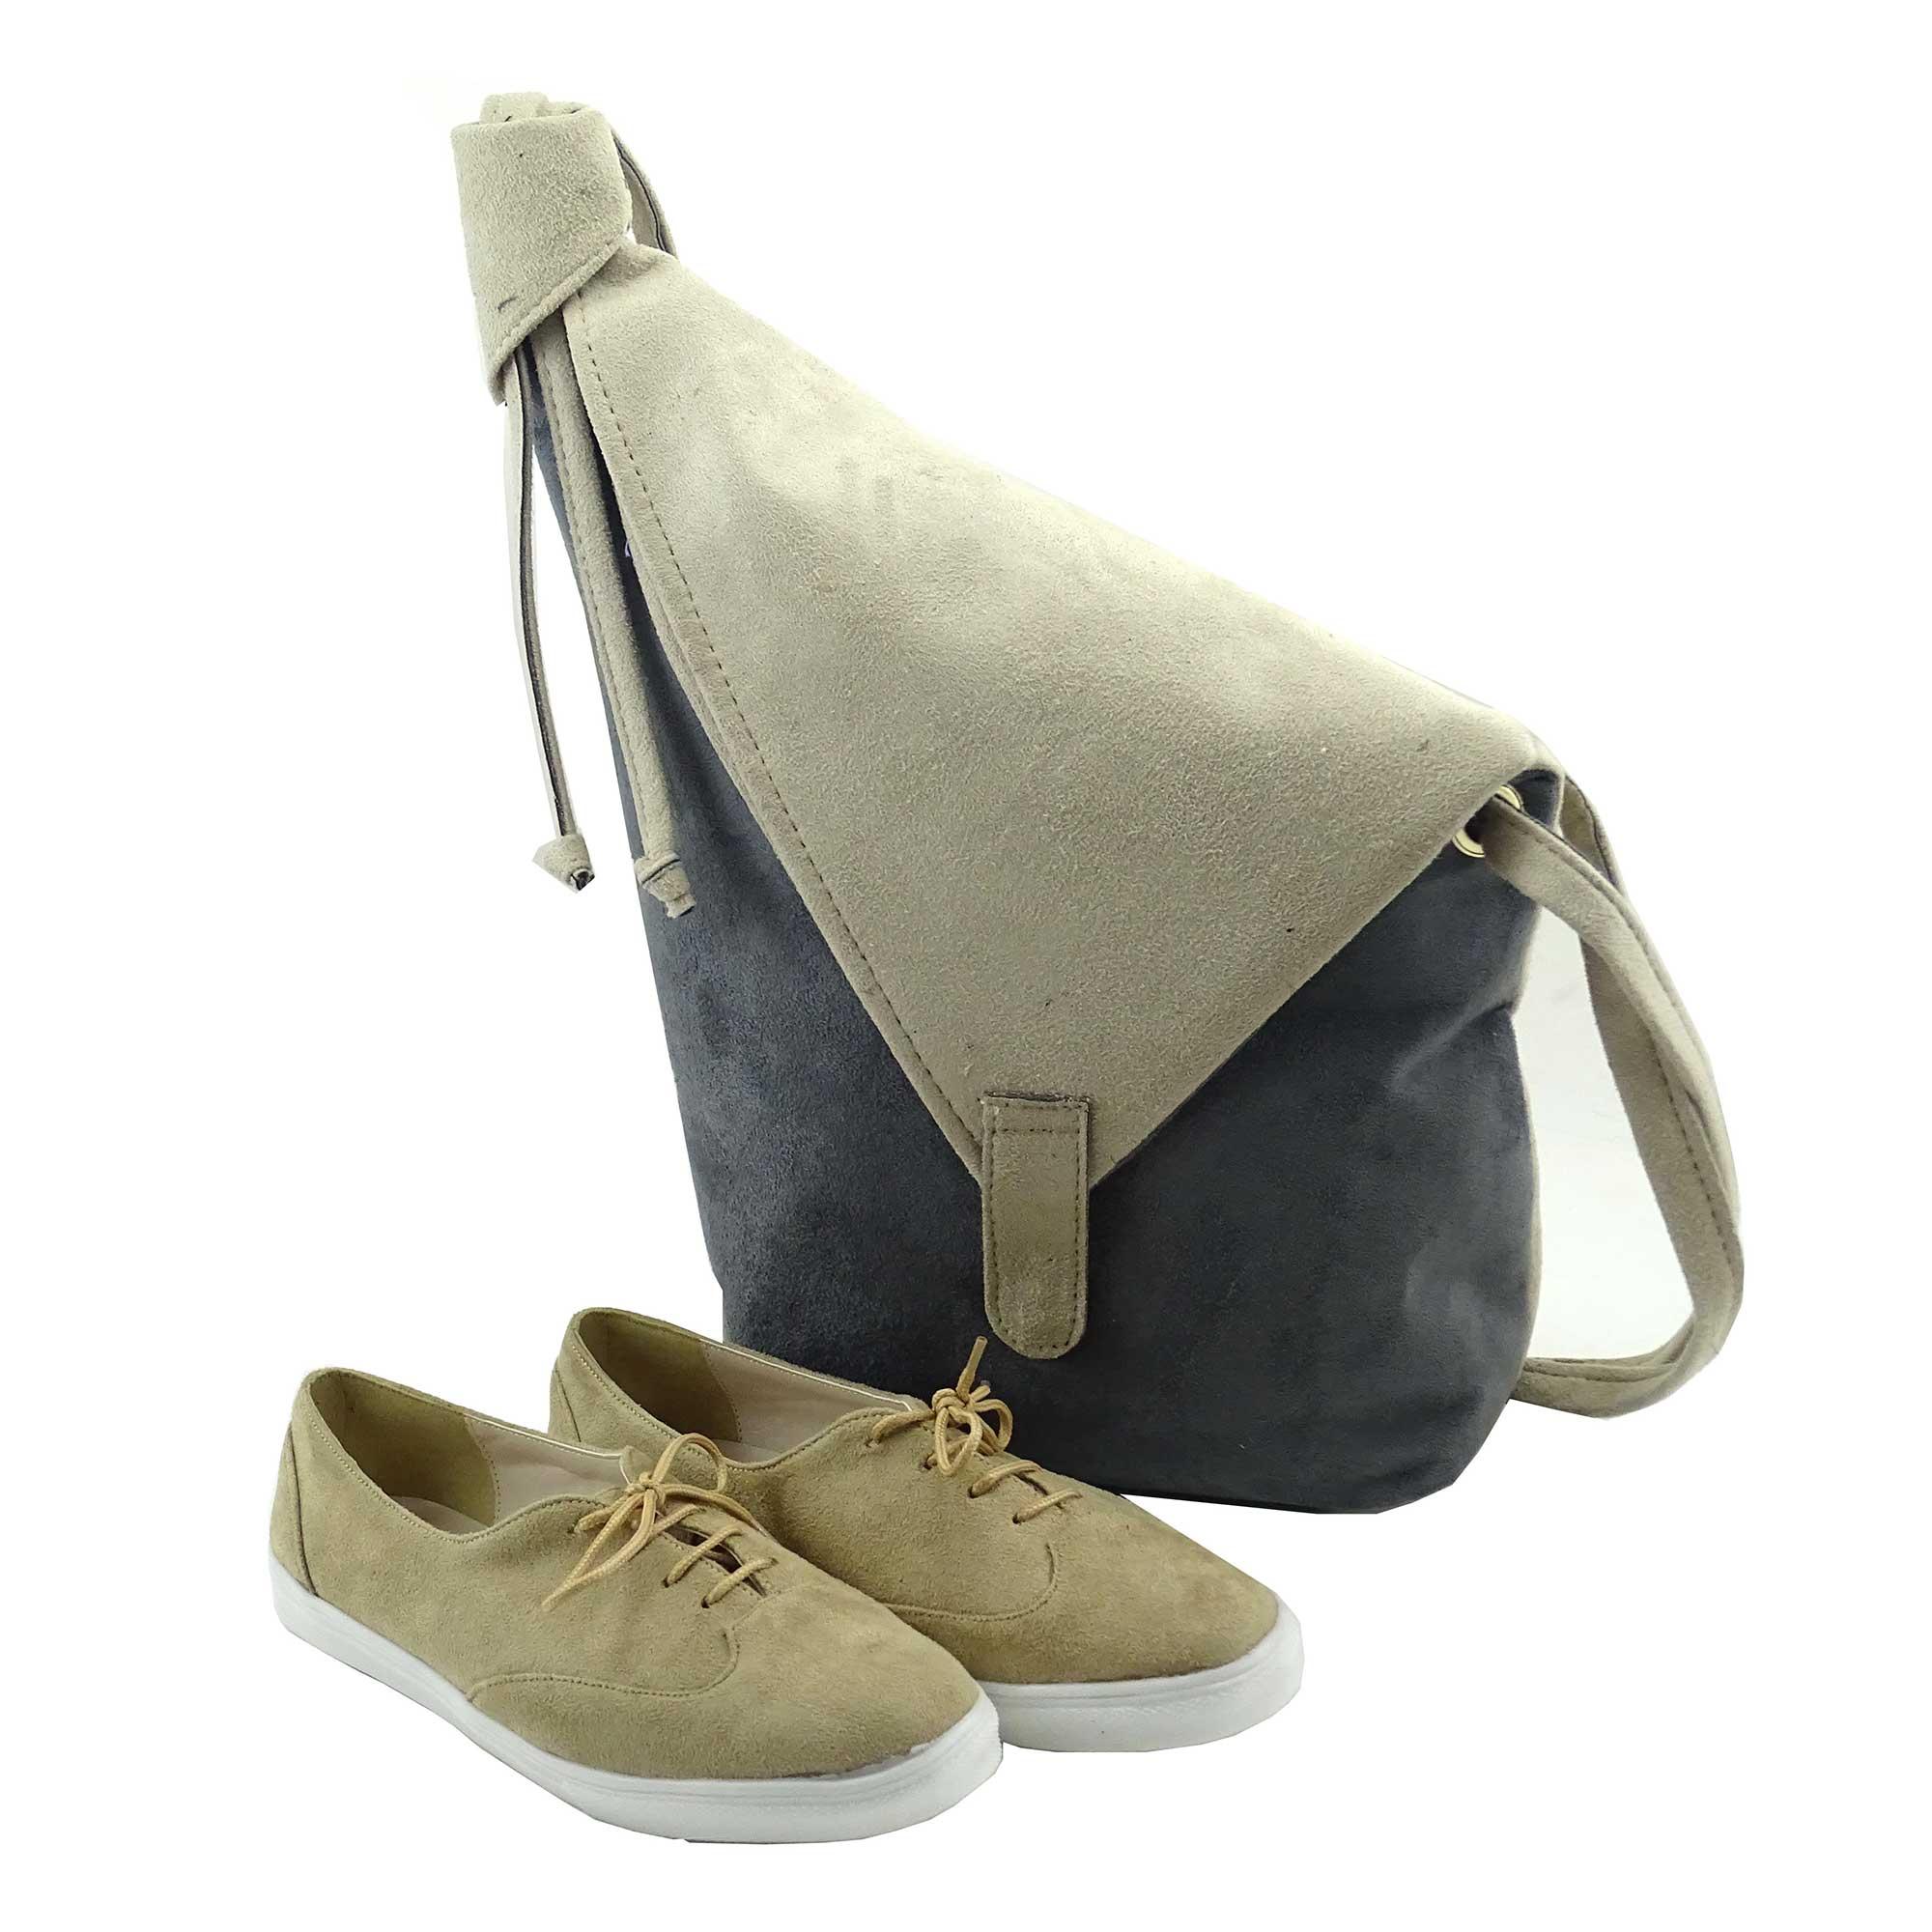 ست کیف و کفش زنانه آذاردو مدل SE01902 |